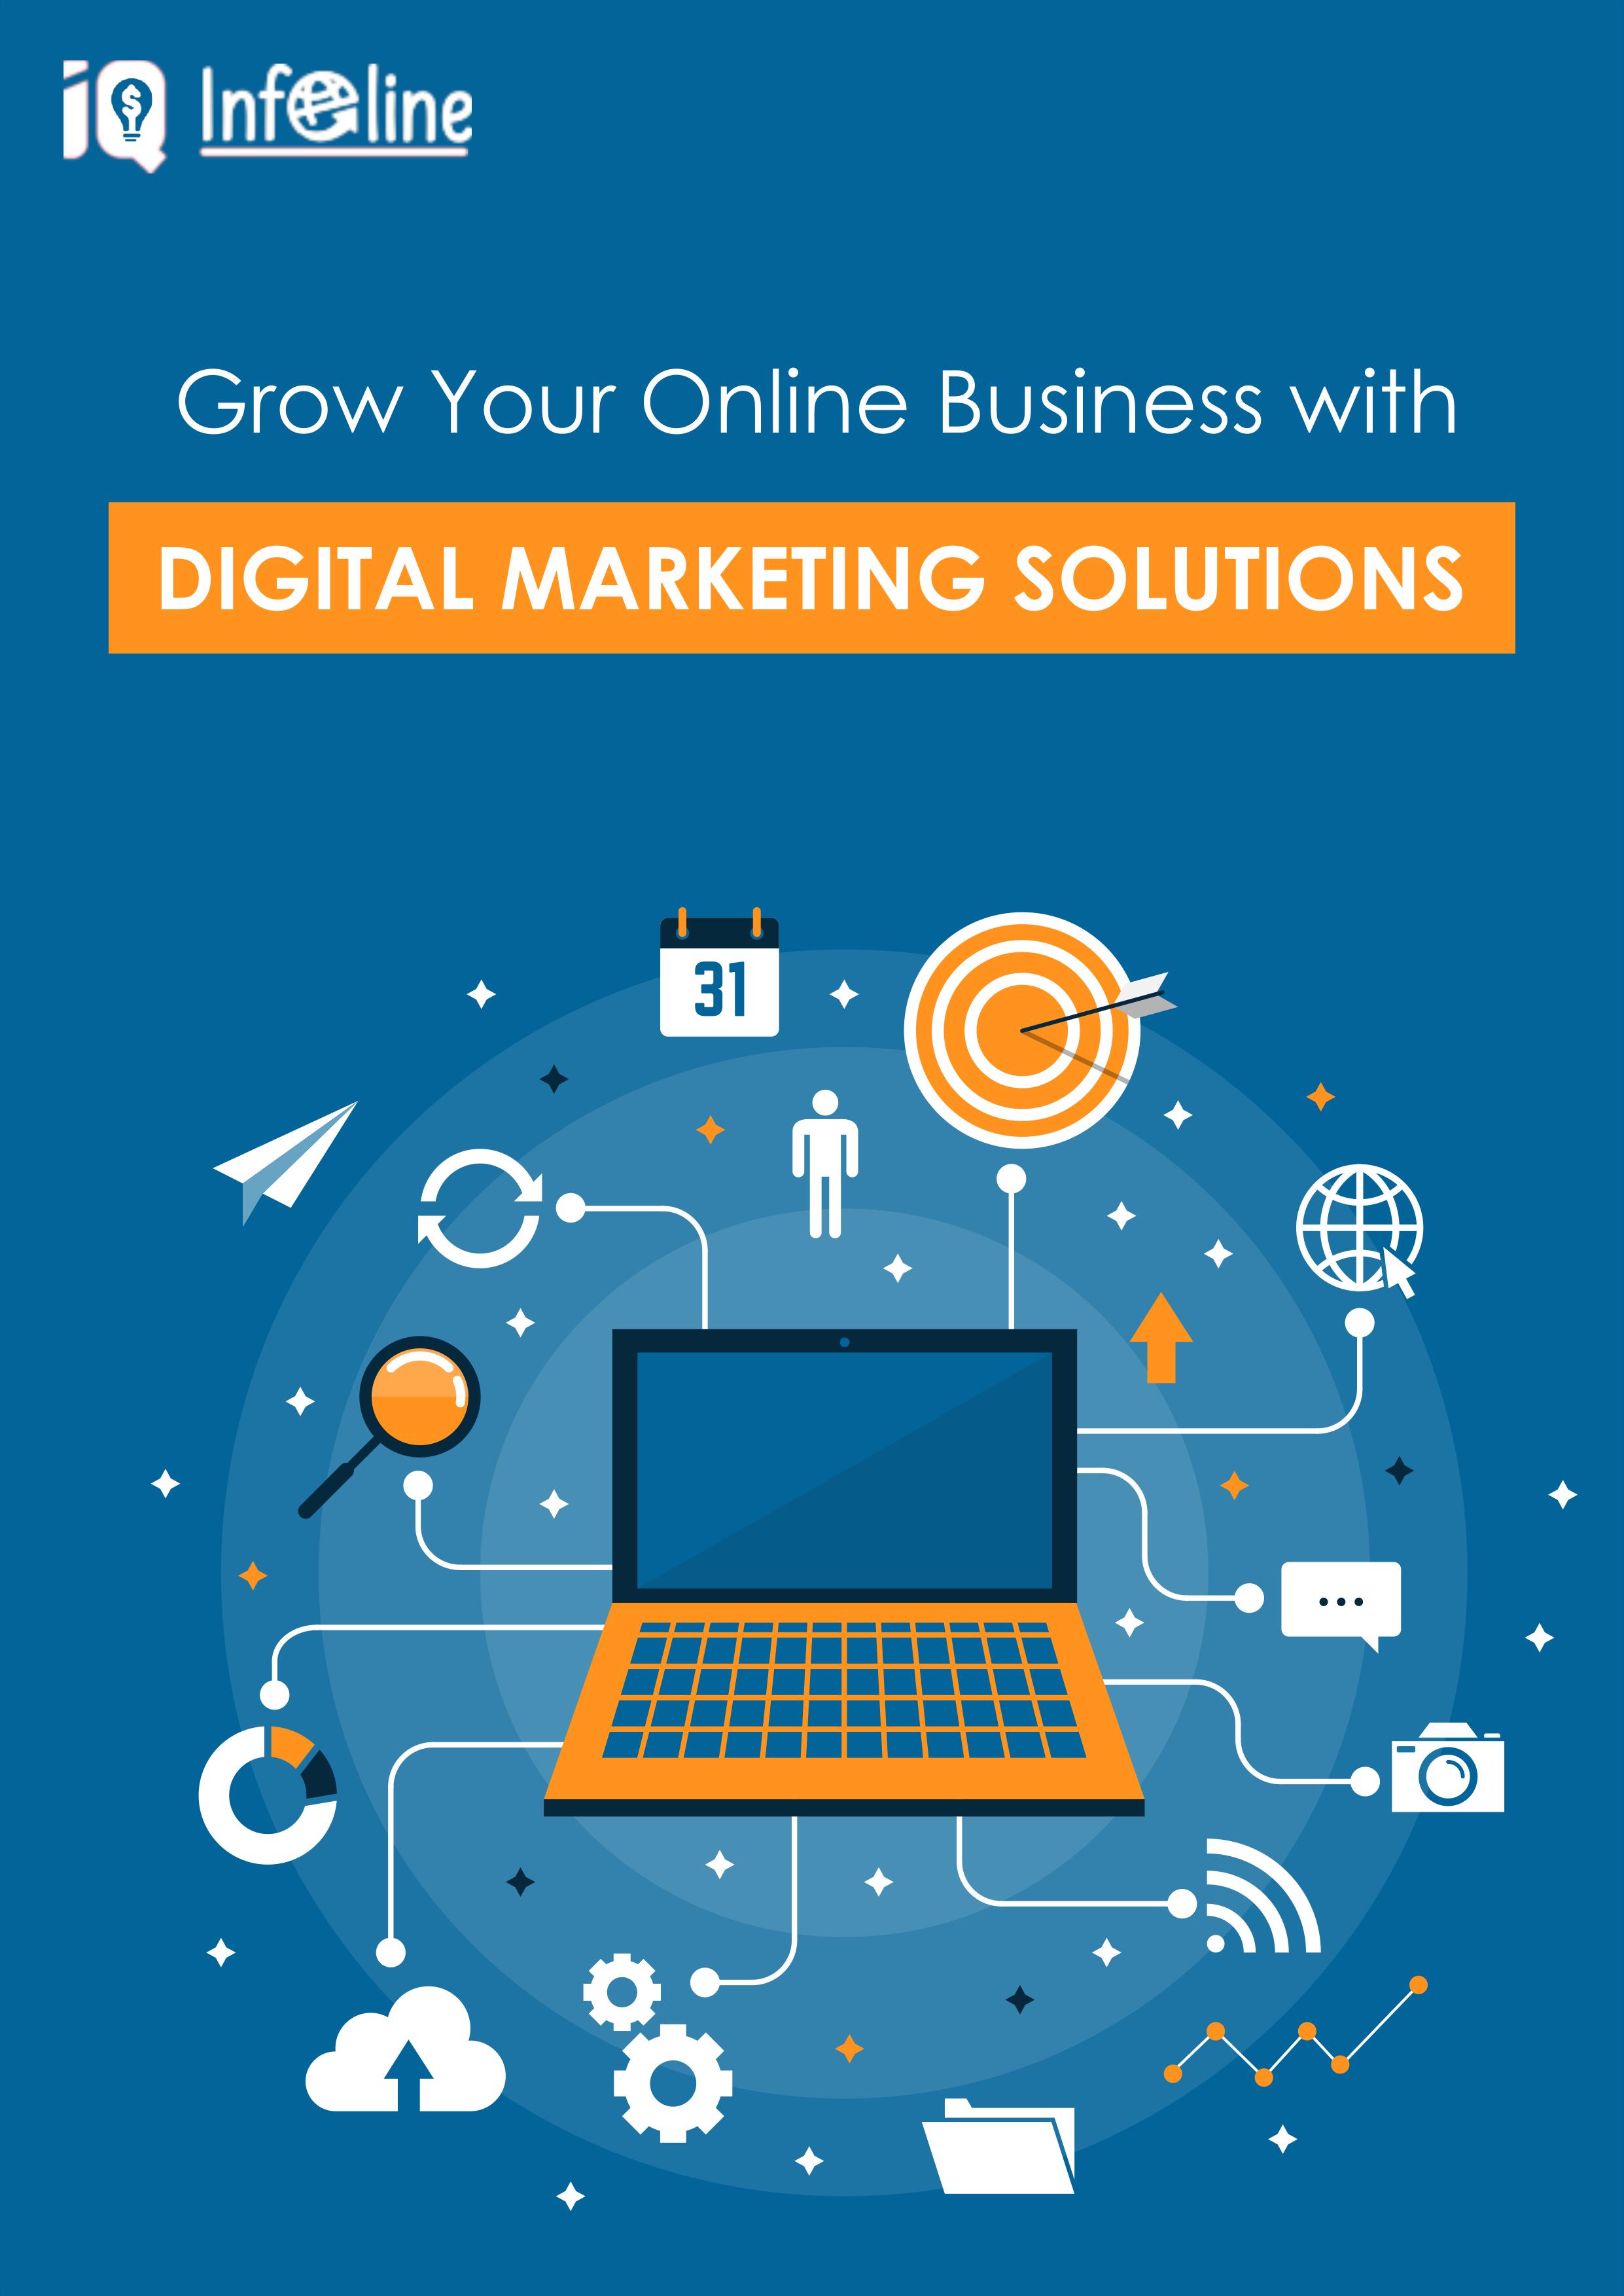 Pin by IQ INFOLINE LLP on Digital Marketing Digital